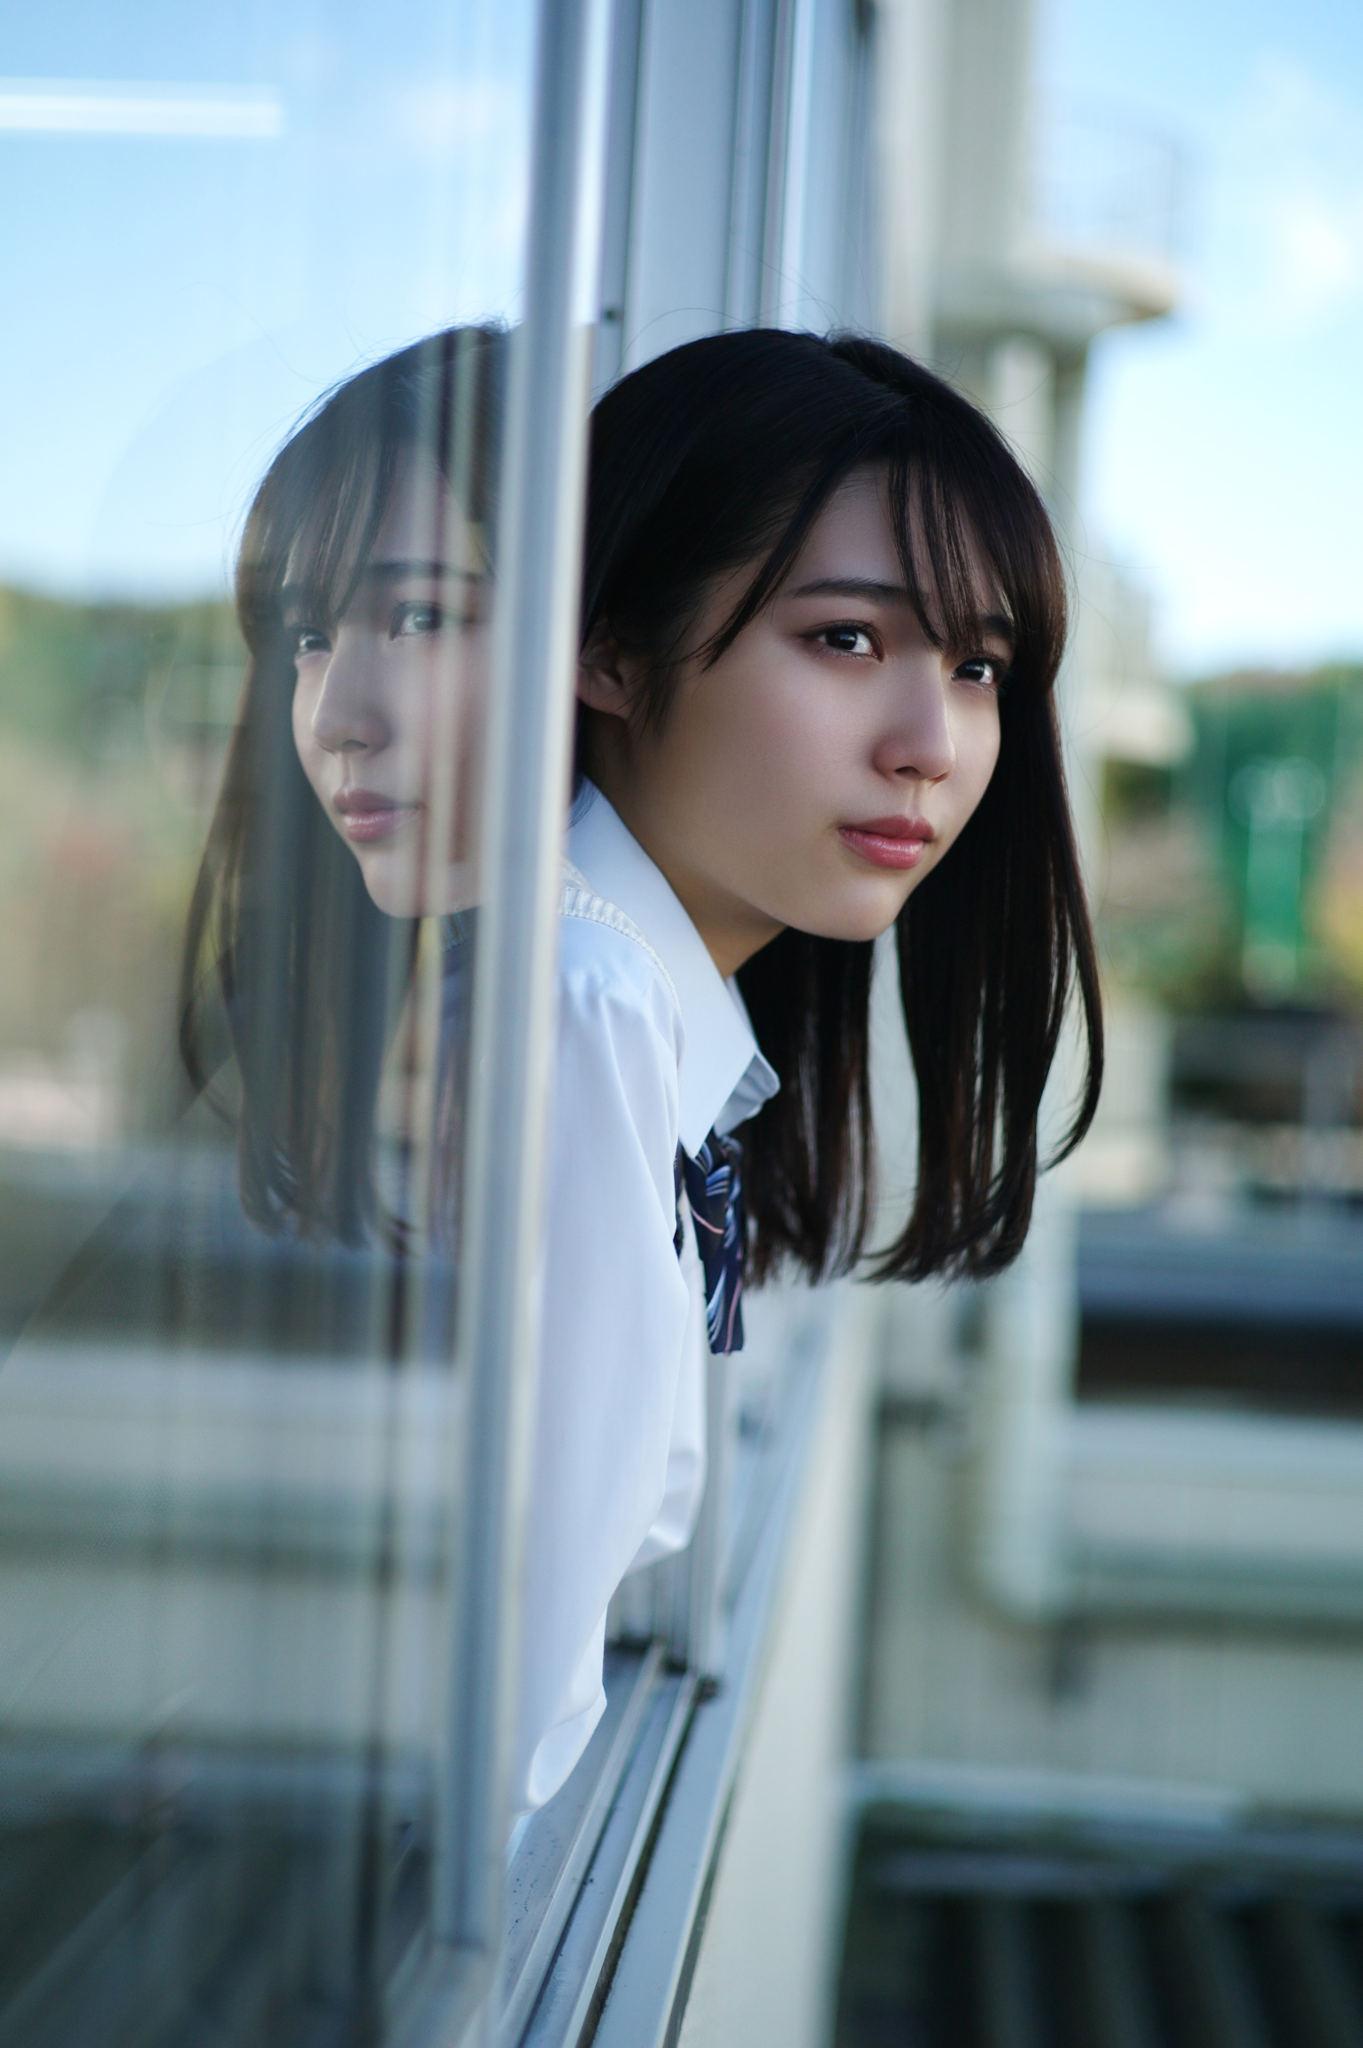 秋田汐梨の画像 p1_32